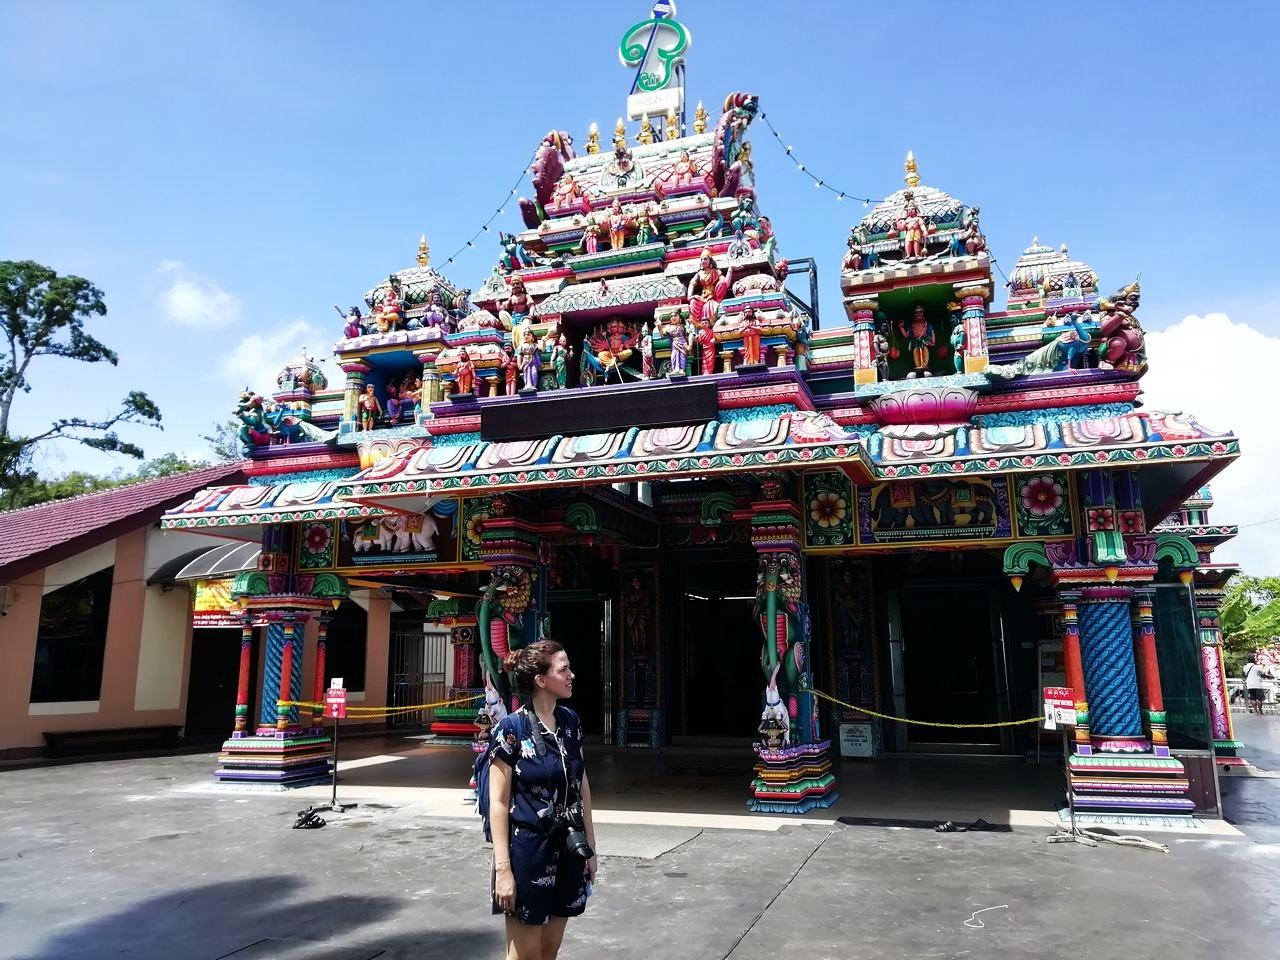 Nunca había visto tantos templos hinduistas hasta que viajé a Malasia.